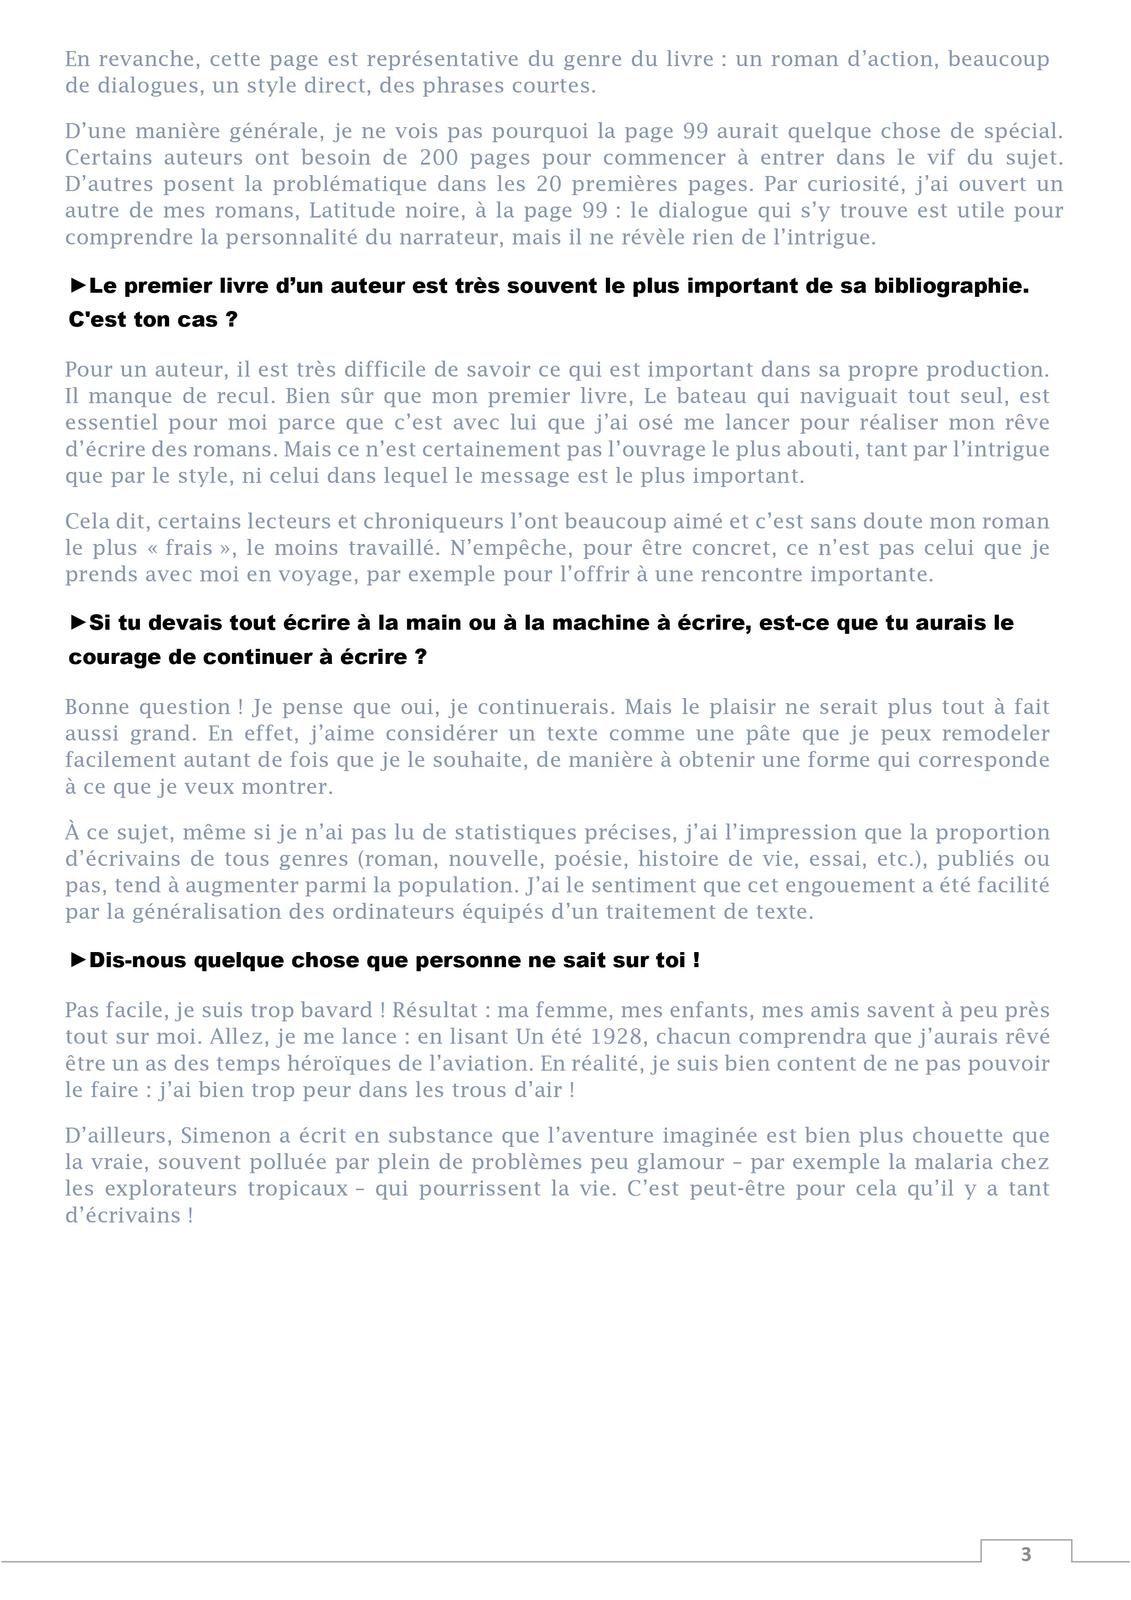 Lecritvain NO 009 du 17.05.2020 (Gilles de Montmollin)